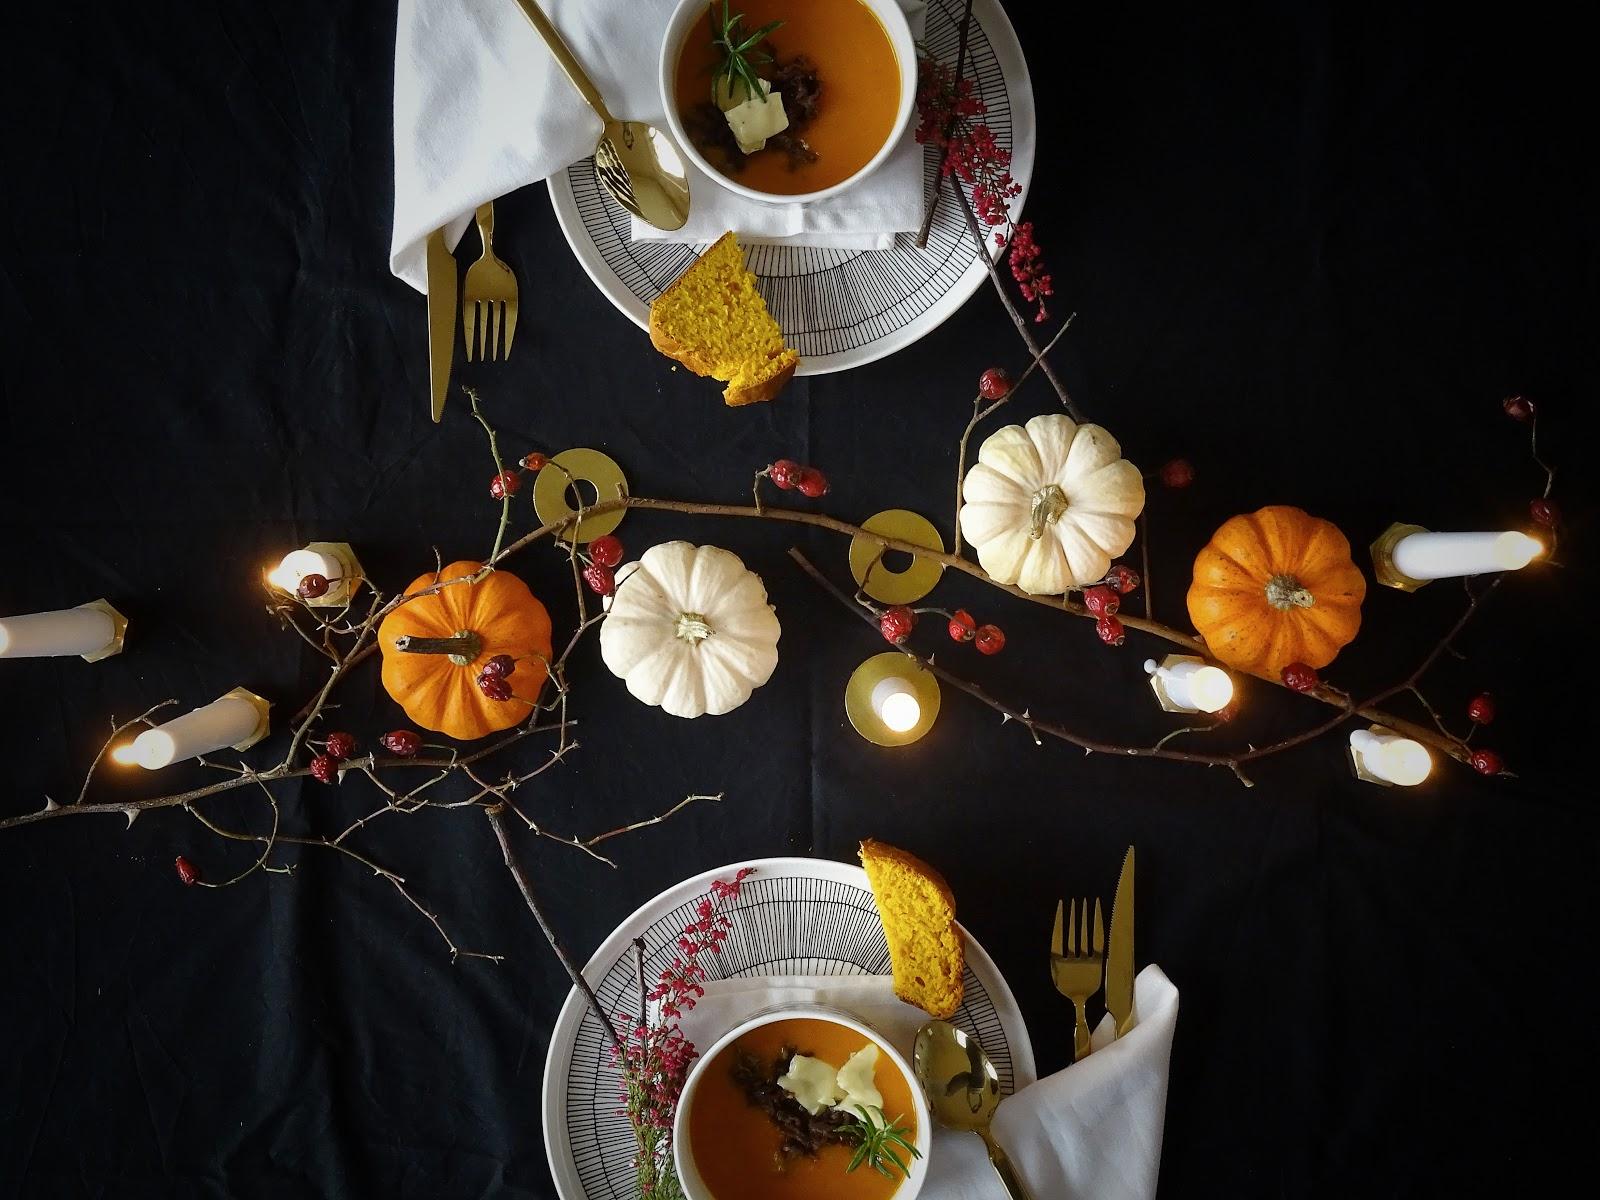 Halloween küsst Herbst - Herbstliche Tischdeko-Idee 'dark and moody' mit einem dezenten, edlen Hauch Halloween - Rezept Kürbissuppe mit Camembert - Rezept Kürbis-Weißbrot mit Dinkel - https://mammilade.blogspot.de